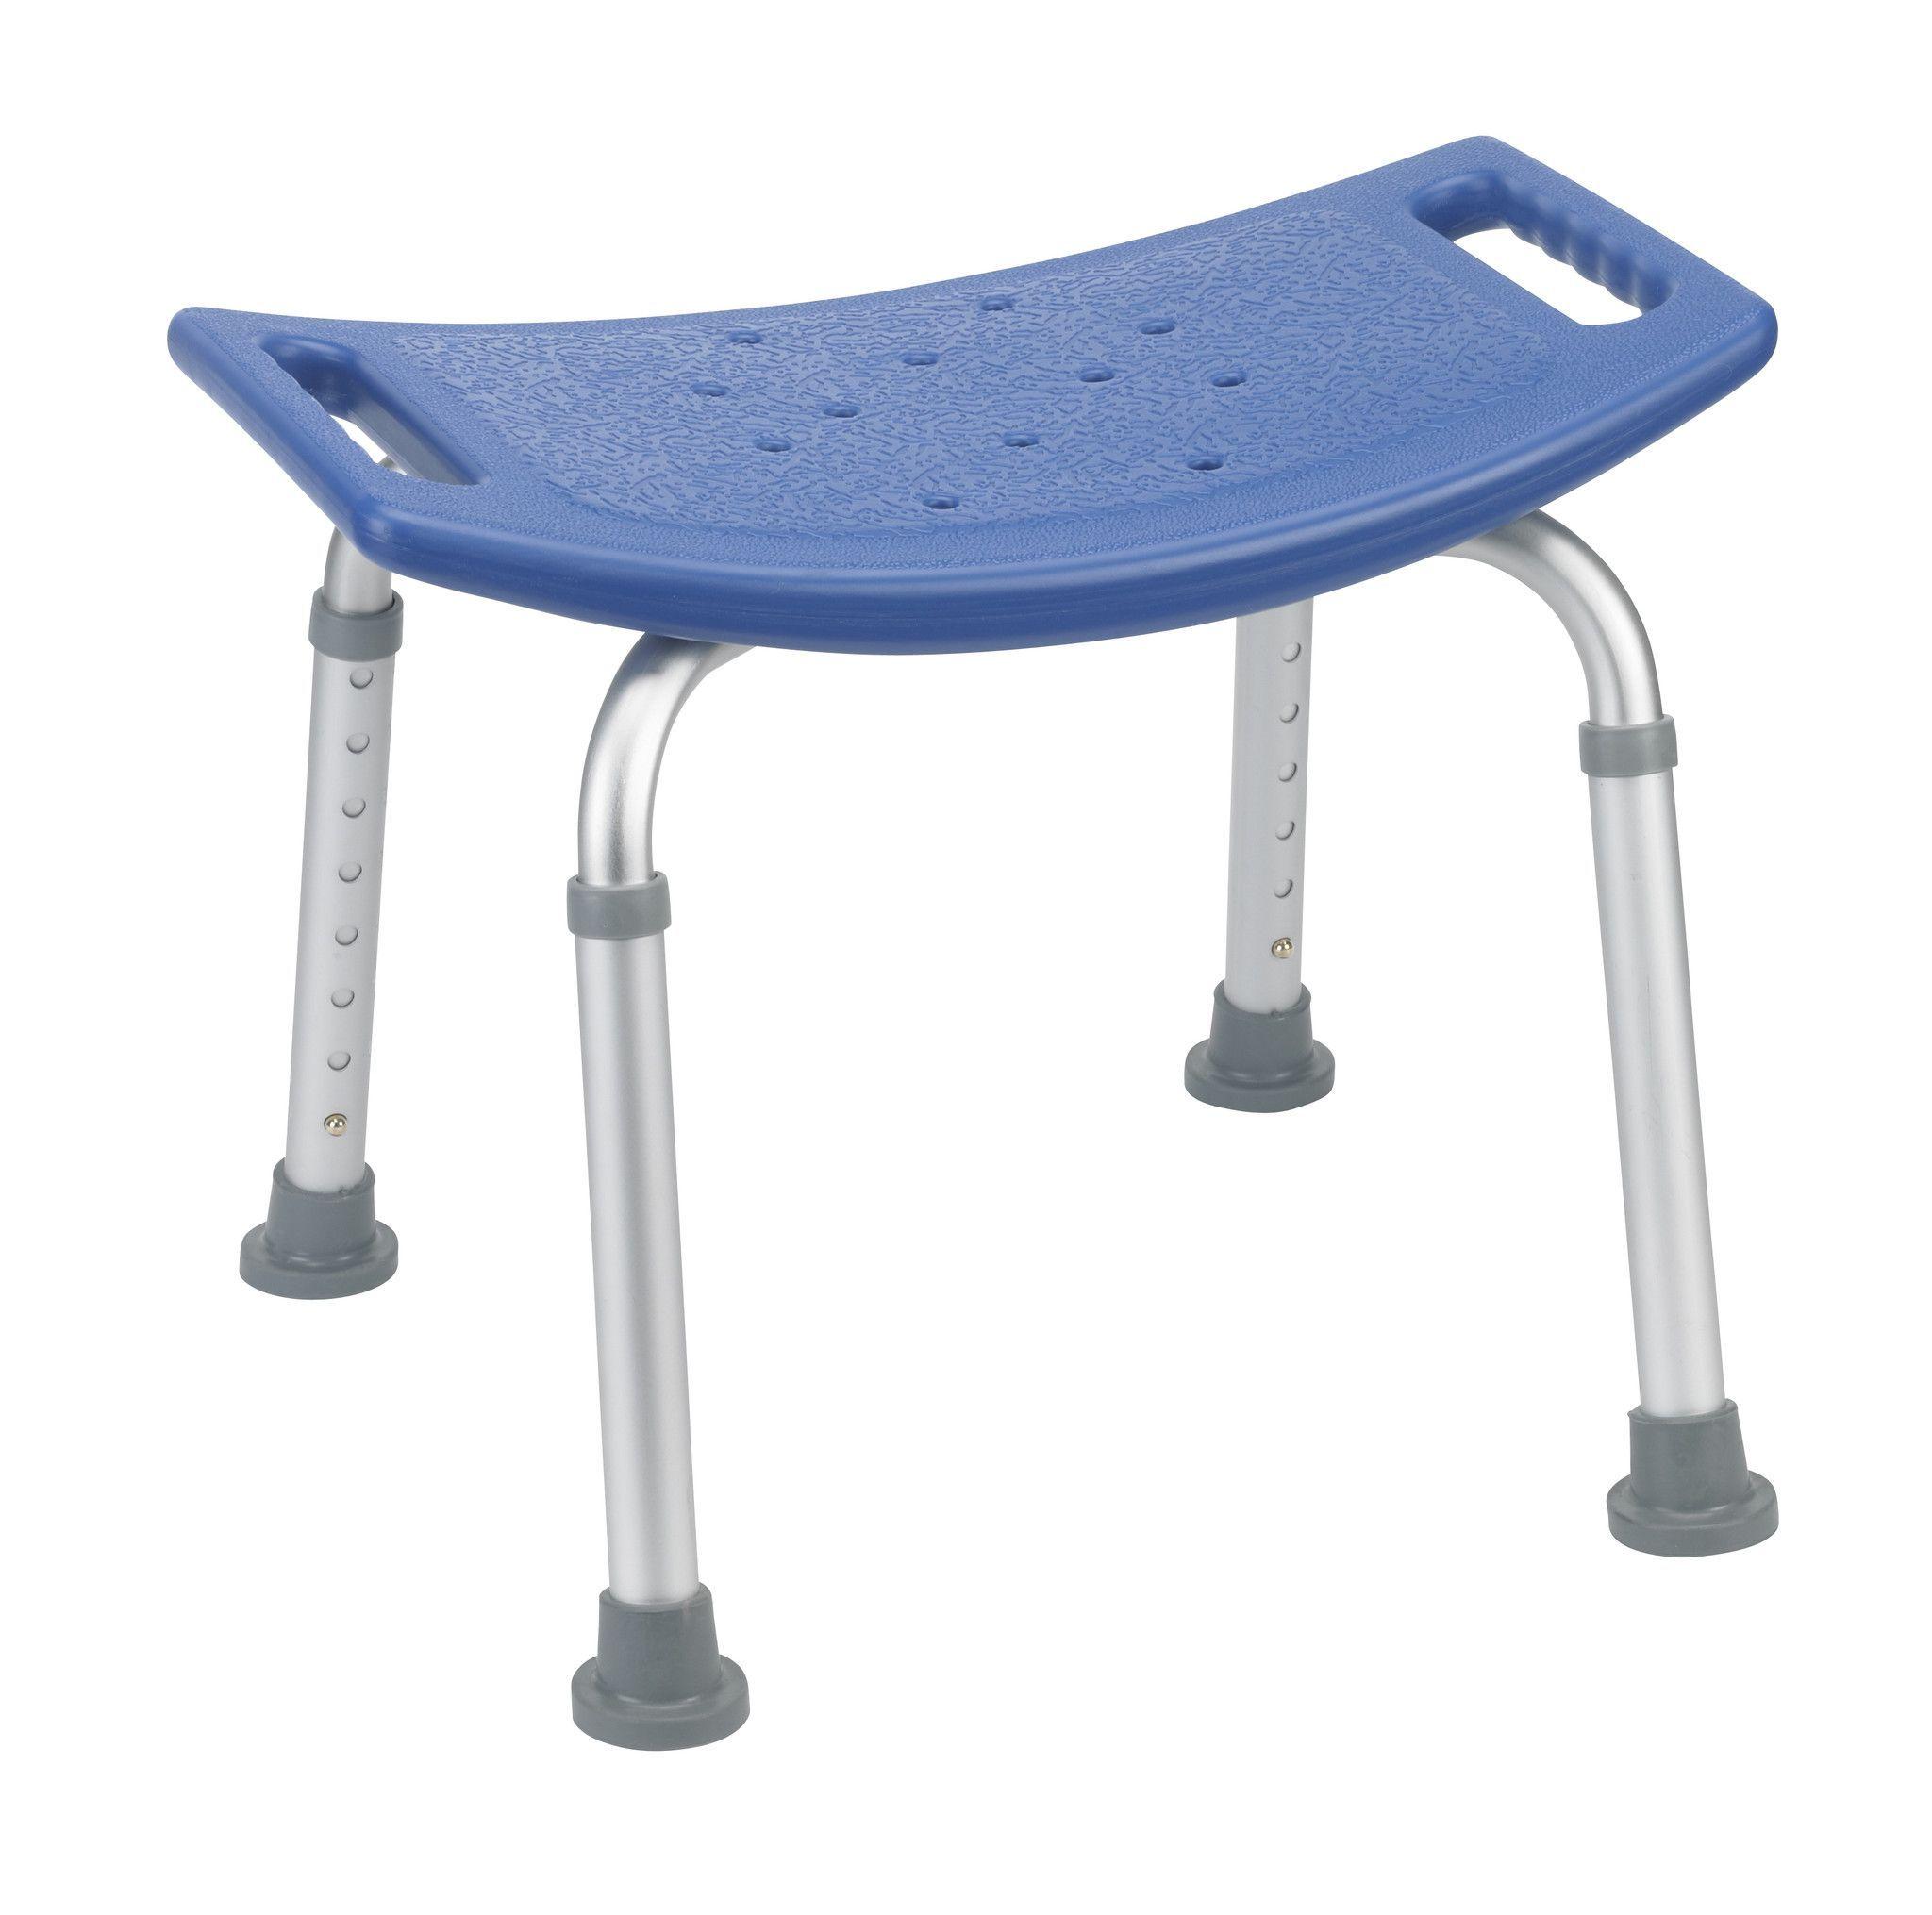 Bathroom Safety Shower Tub Bench Chair Bath bench